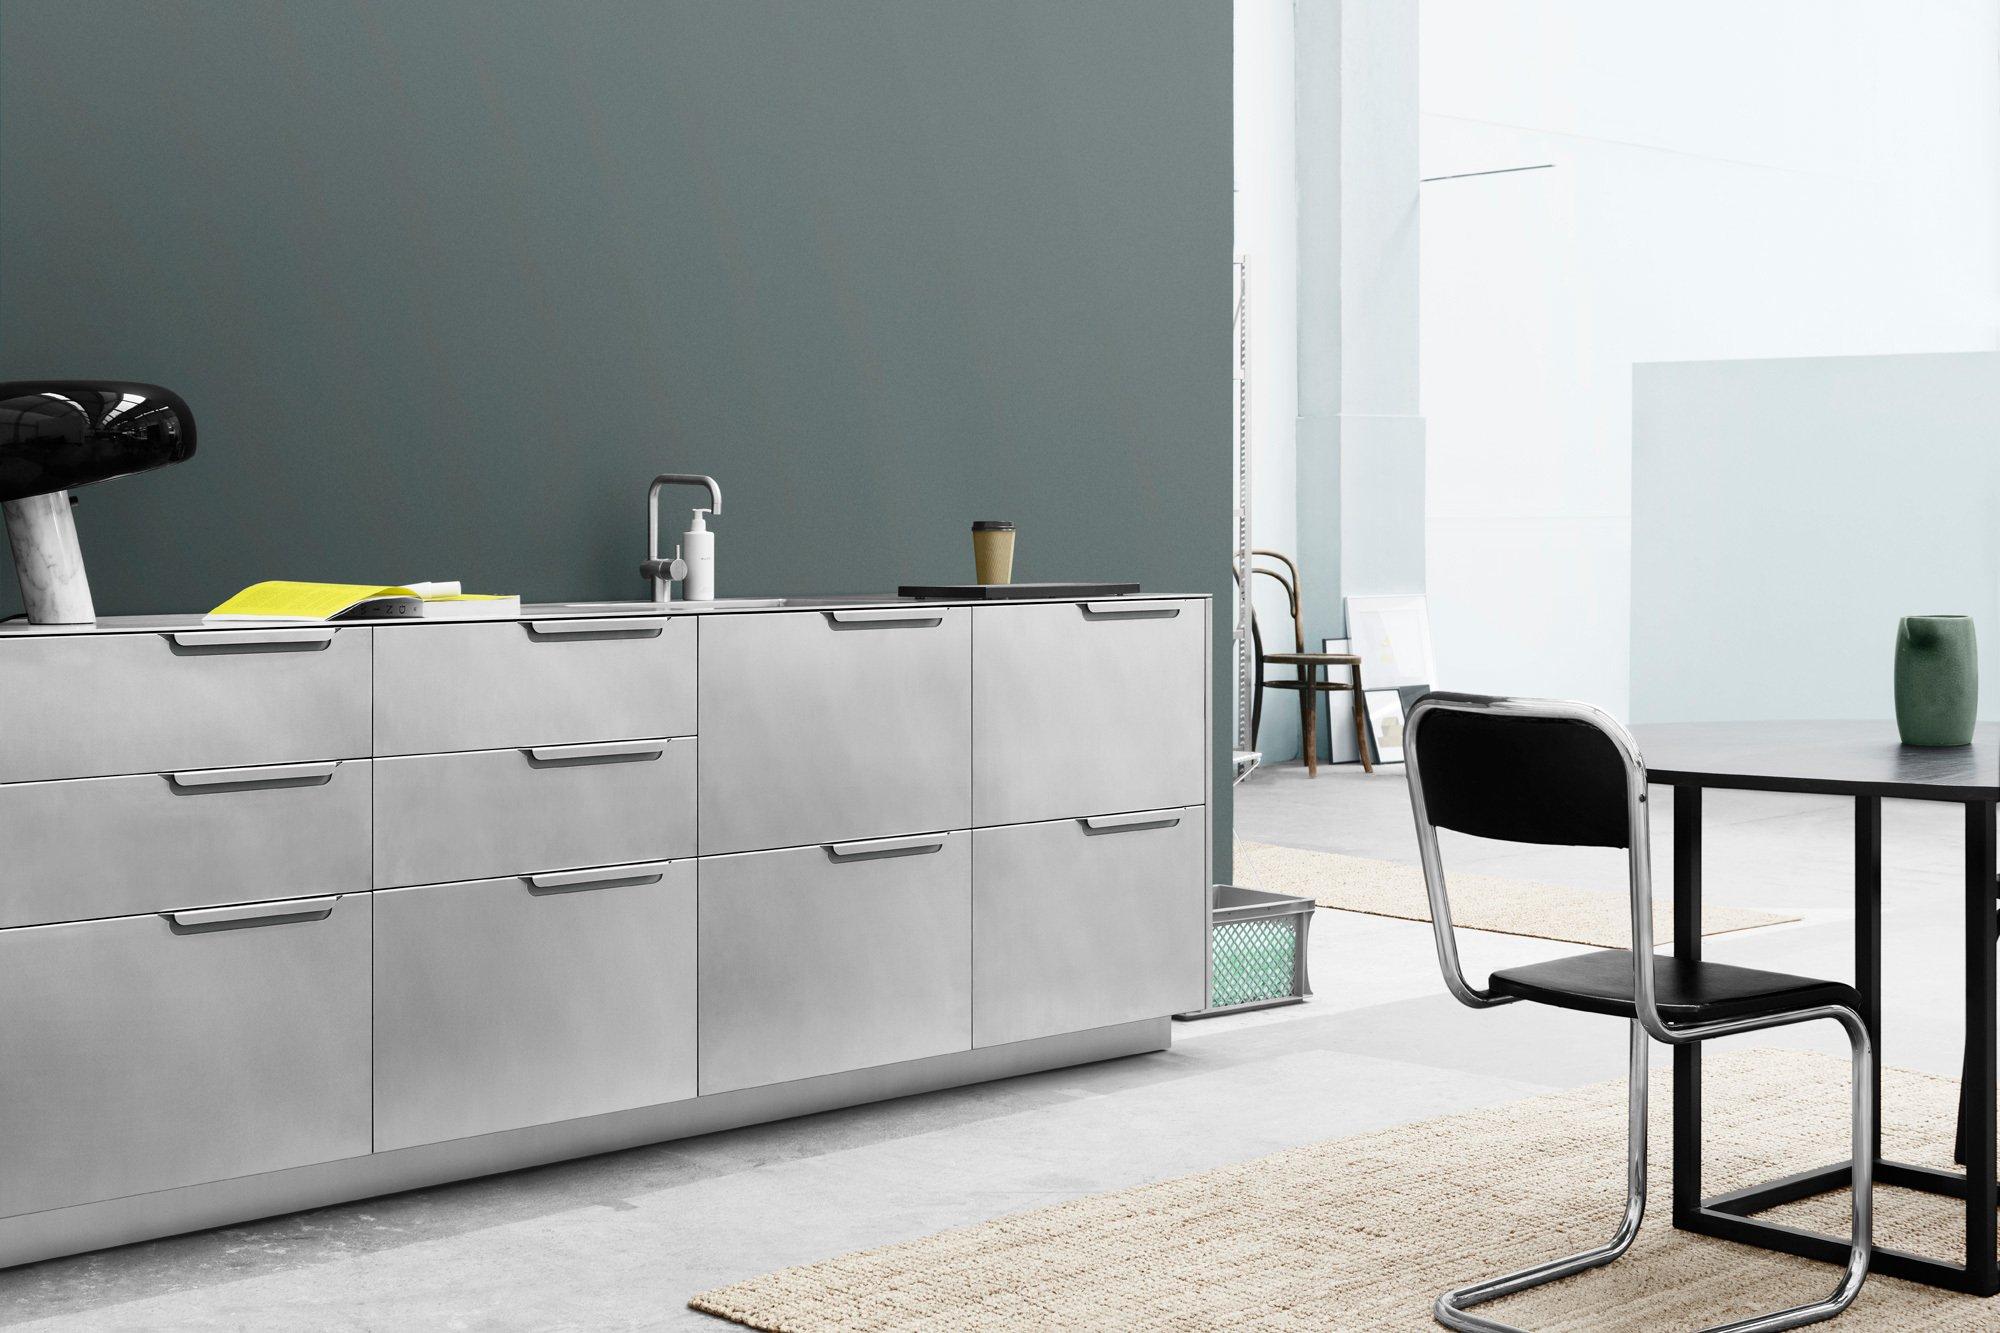 Aus Aluminium gefaltet: Küche Fold für das dänische (Küchen-)Möbellabel Reform. Foto/ Copyright: Sigurd Larsen Design & Architecture